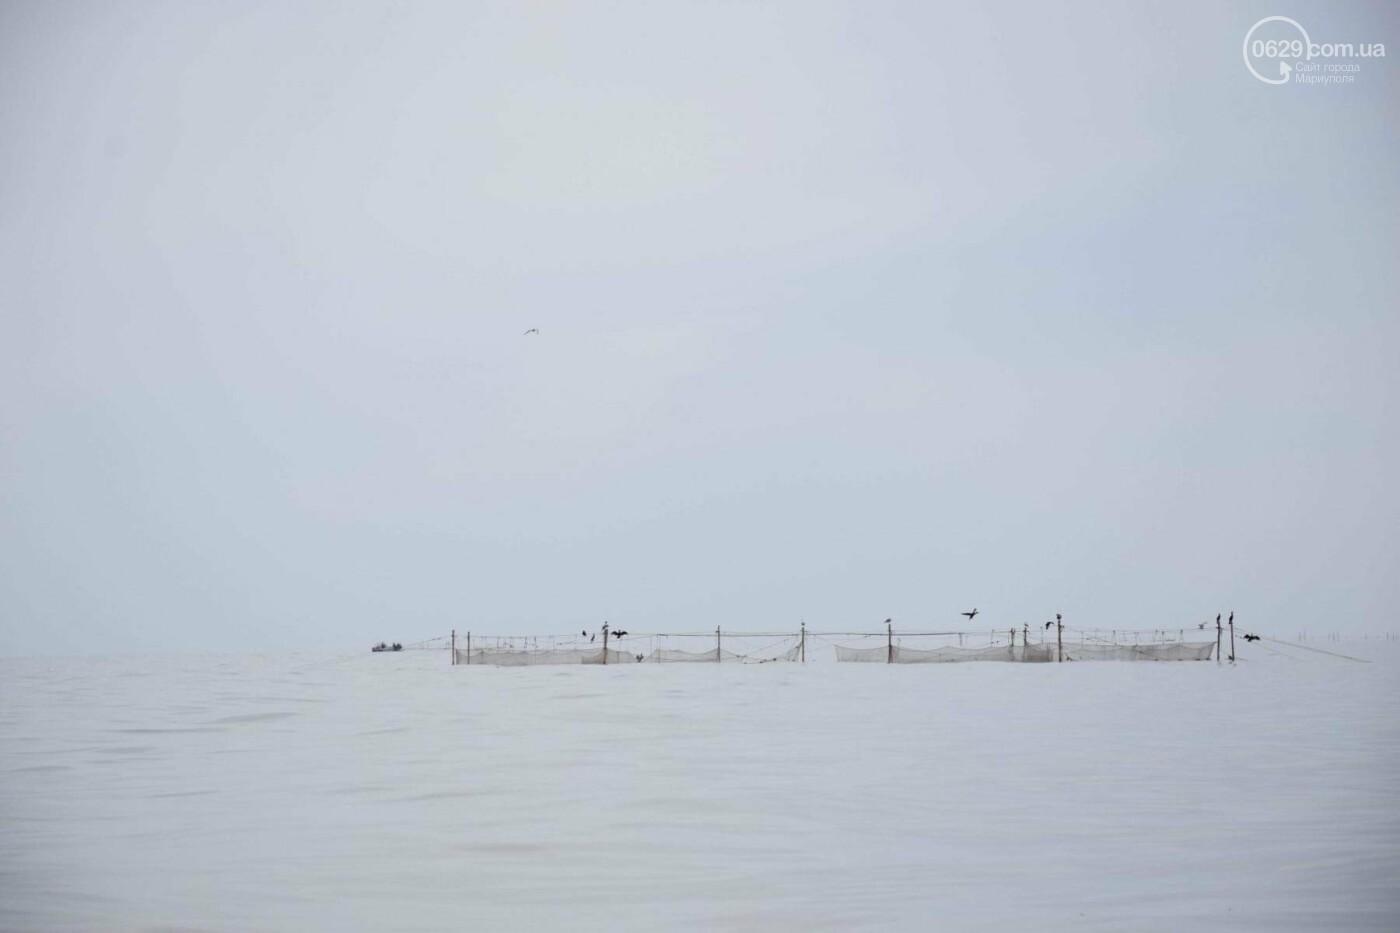 Массовая гибель морских птиц на Азовском побережье: версии, - ФОТО, фото-3